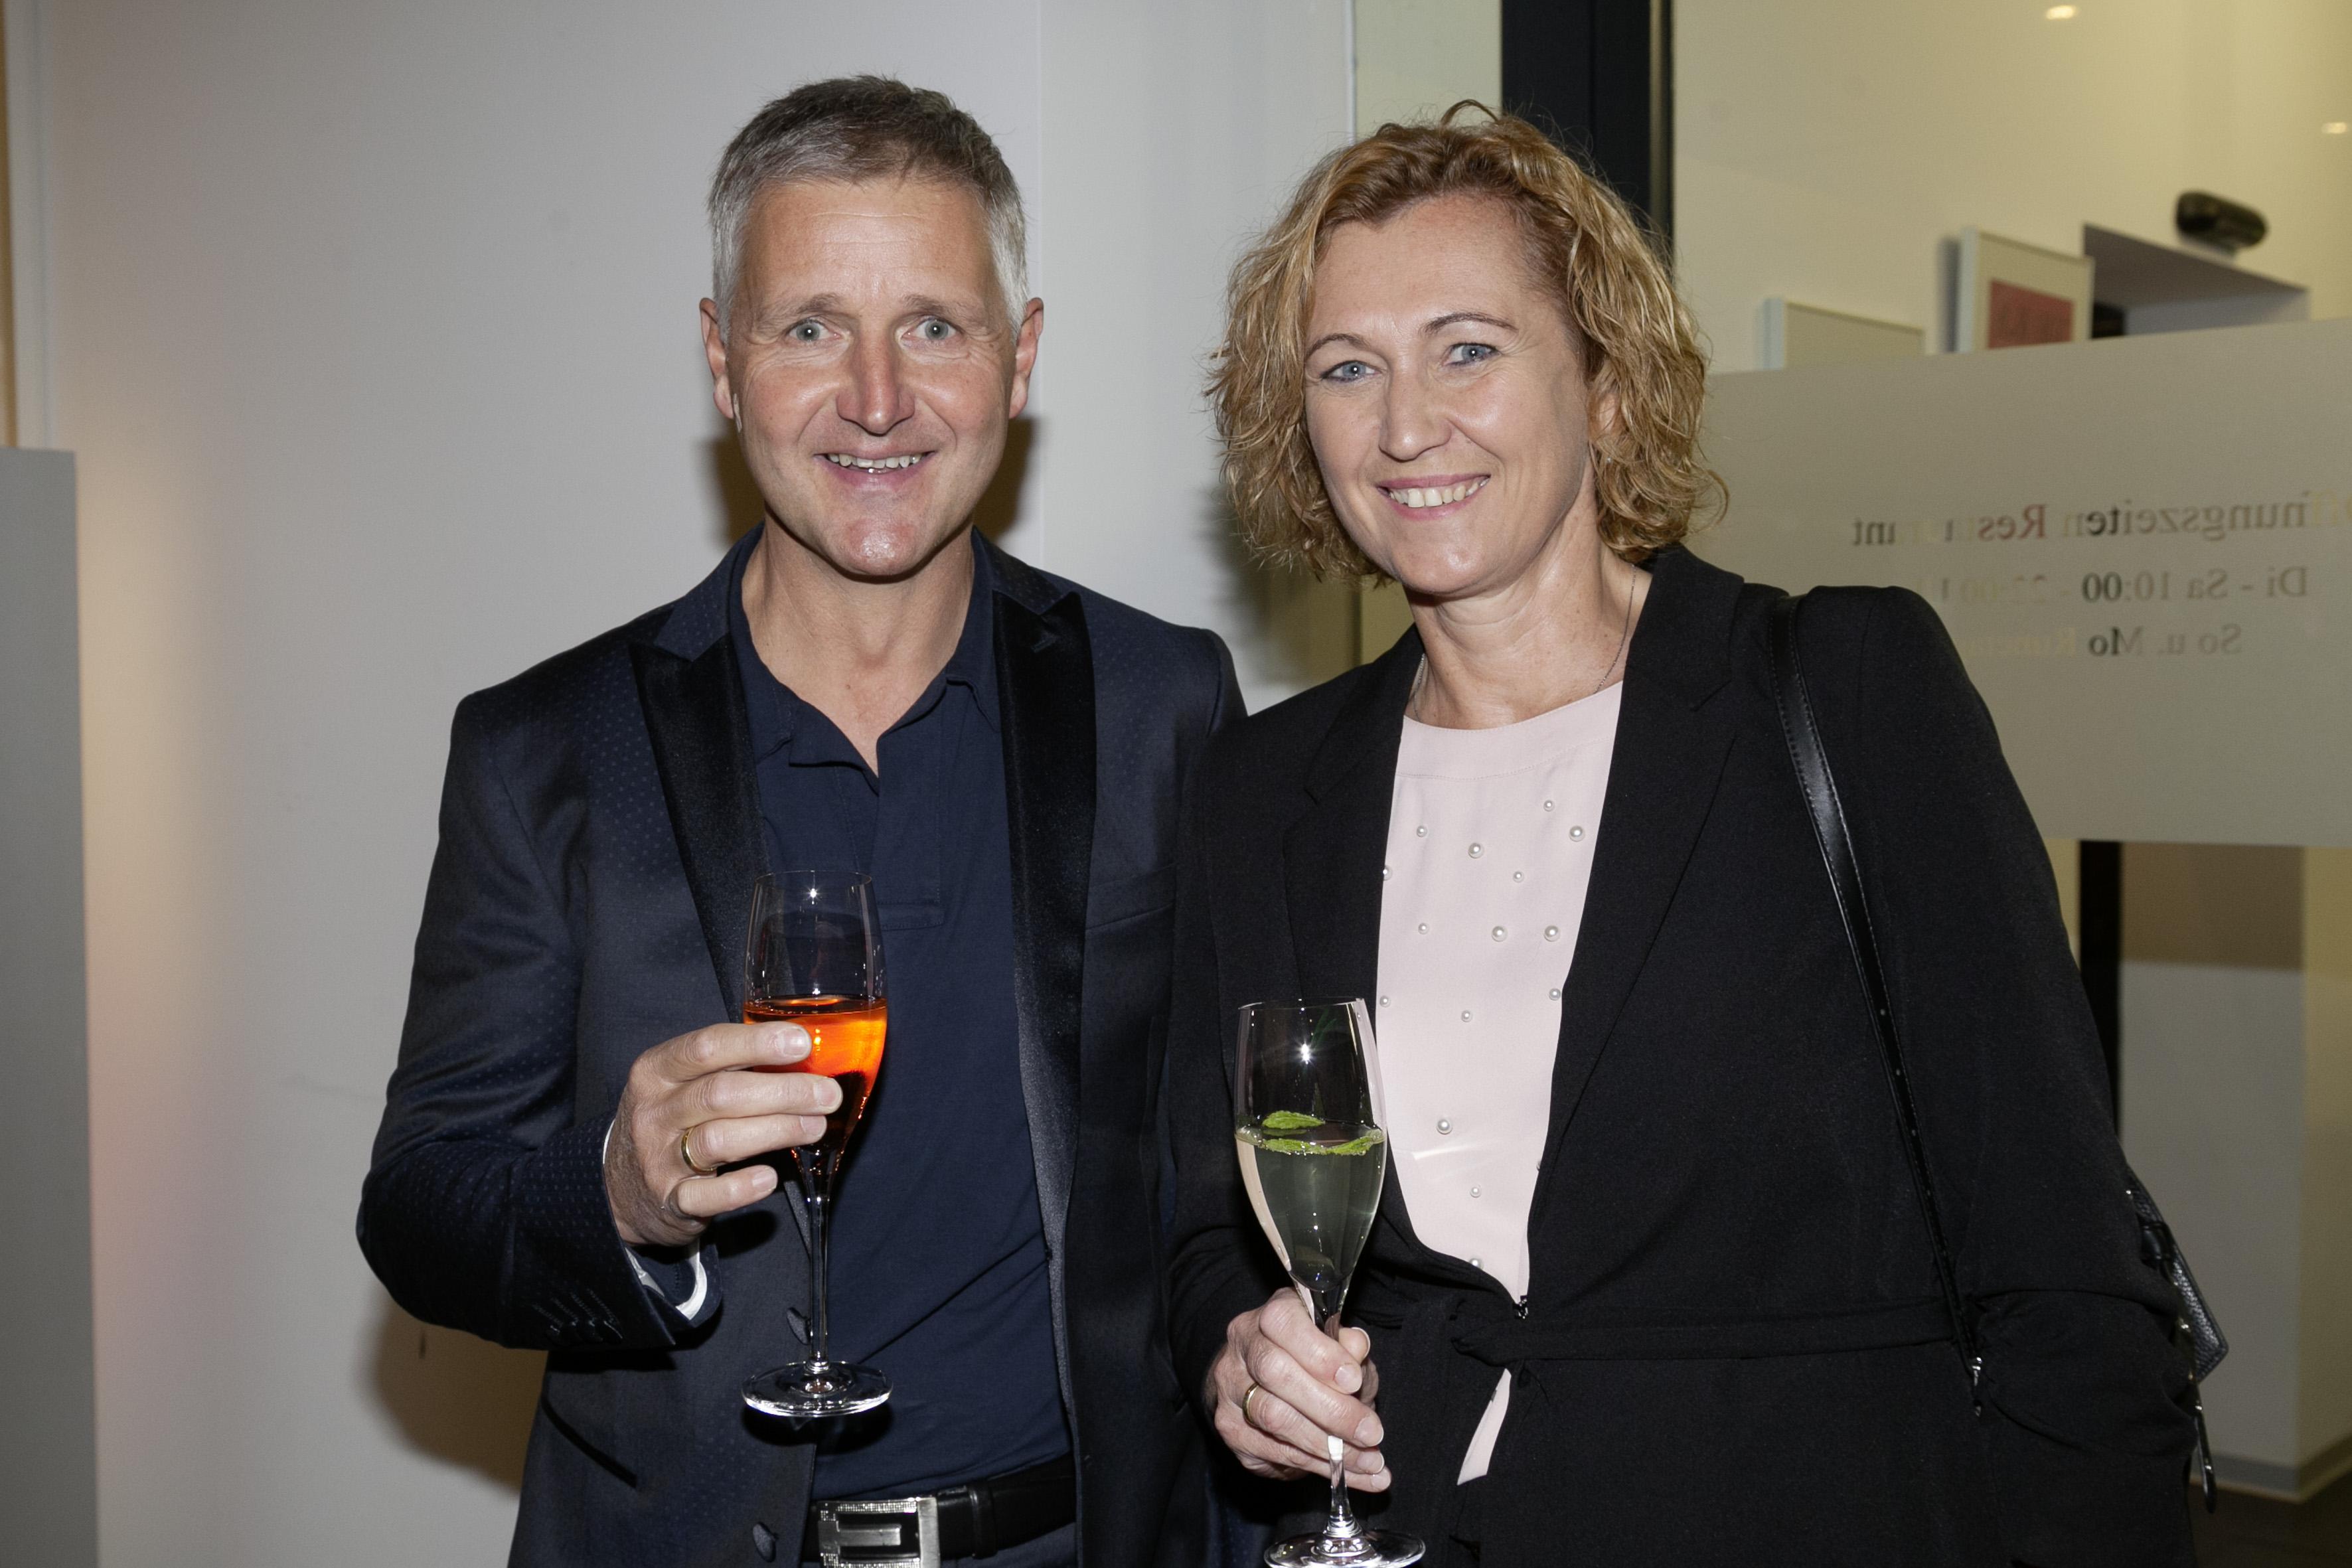 Alexander und Sabine Pacher bei der Ehrung zu 98 Jahren Firmenbestehen